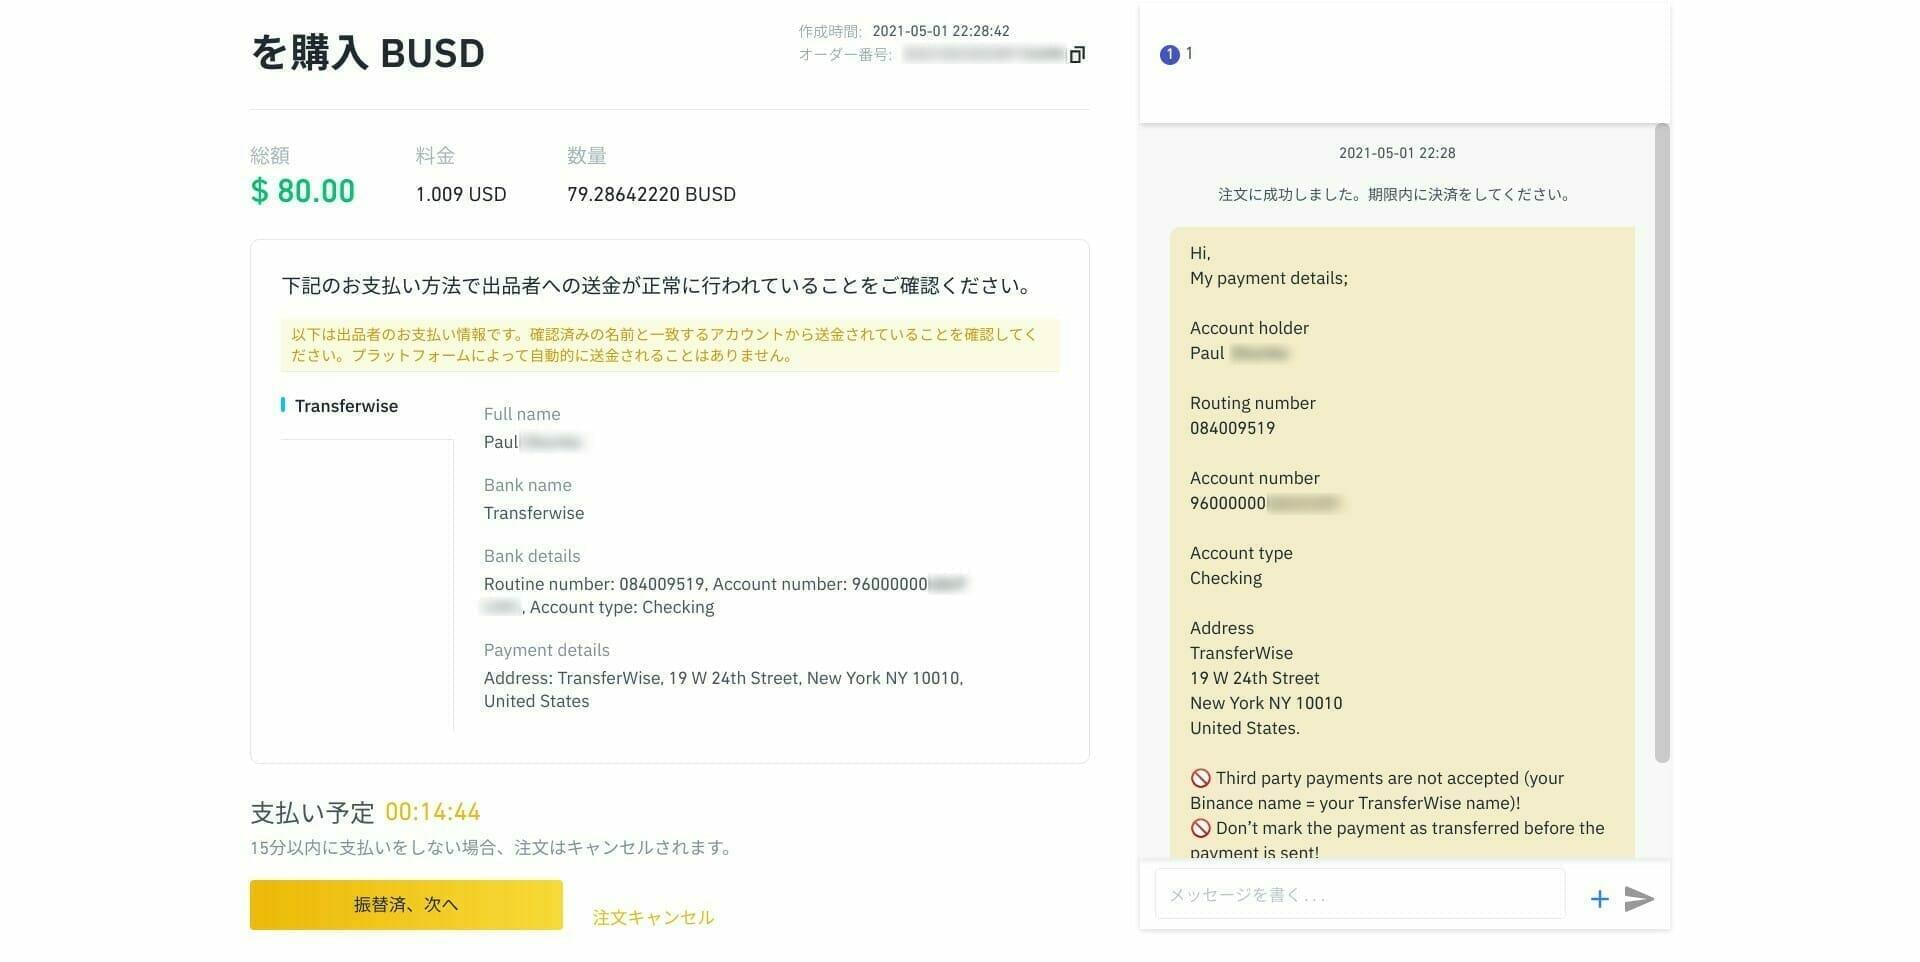 バイナンス:販売者の P2P 支払い情報